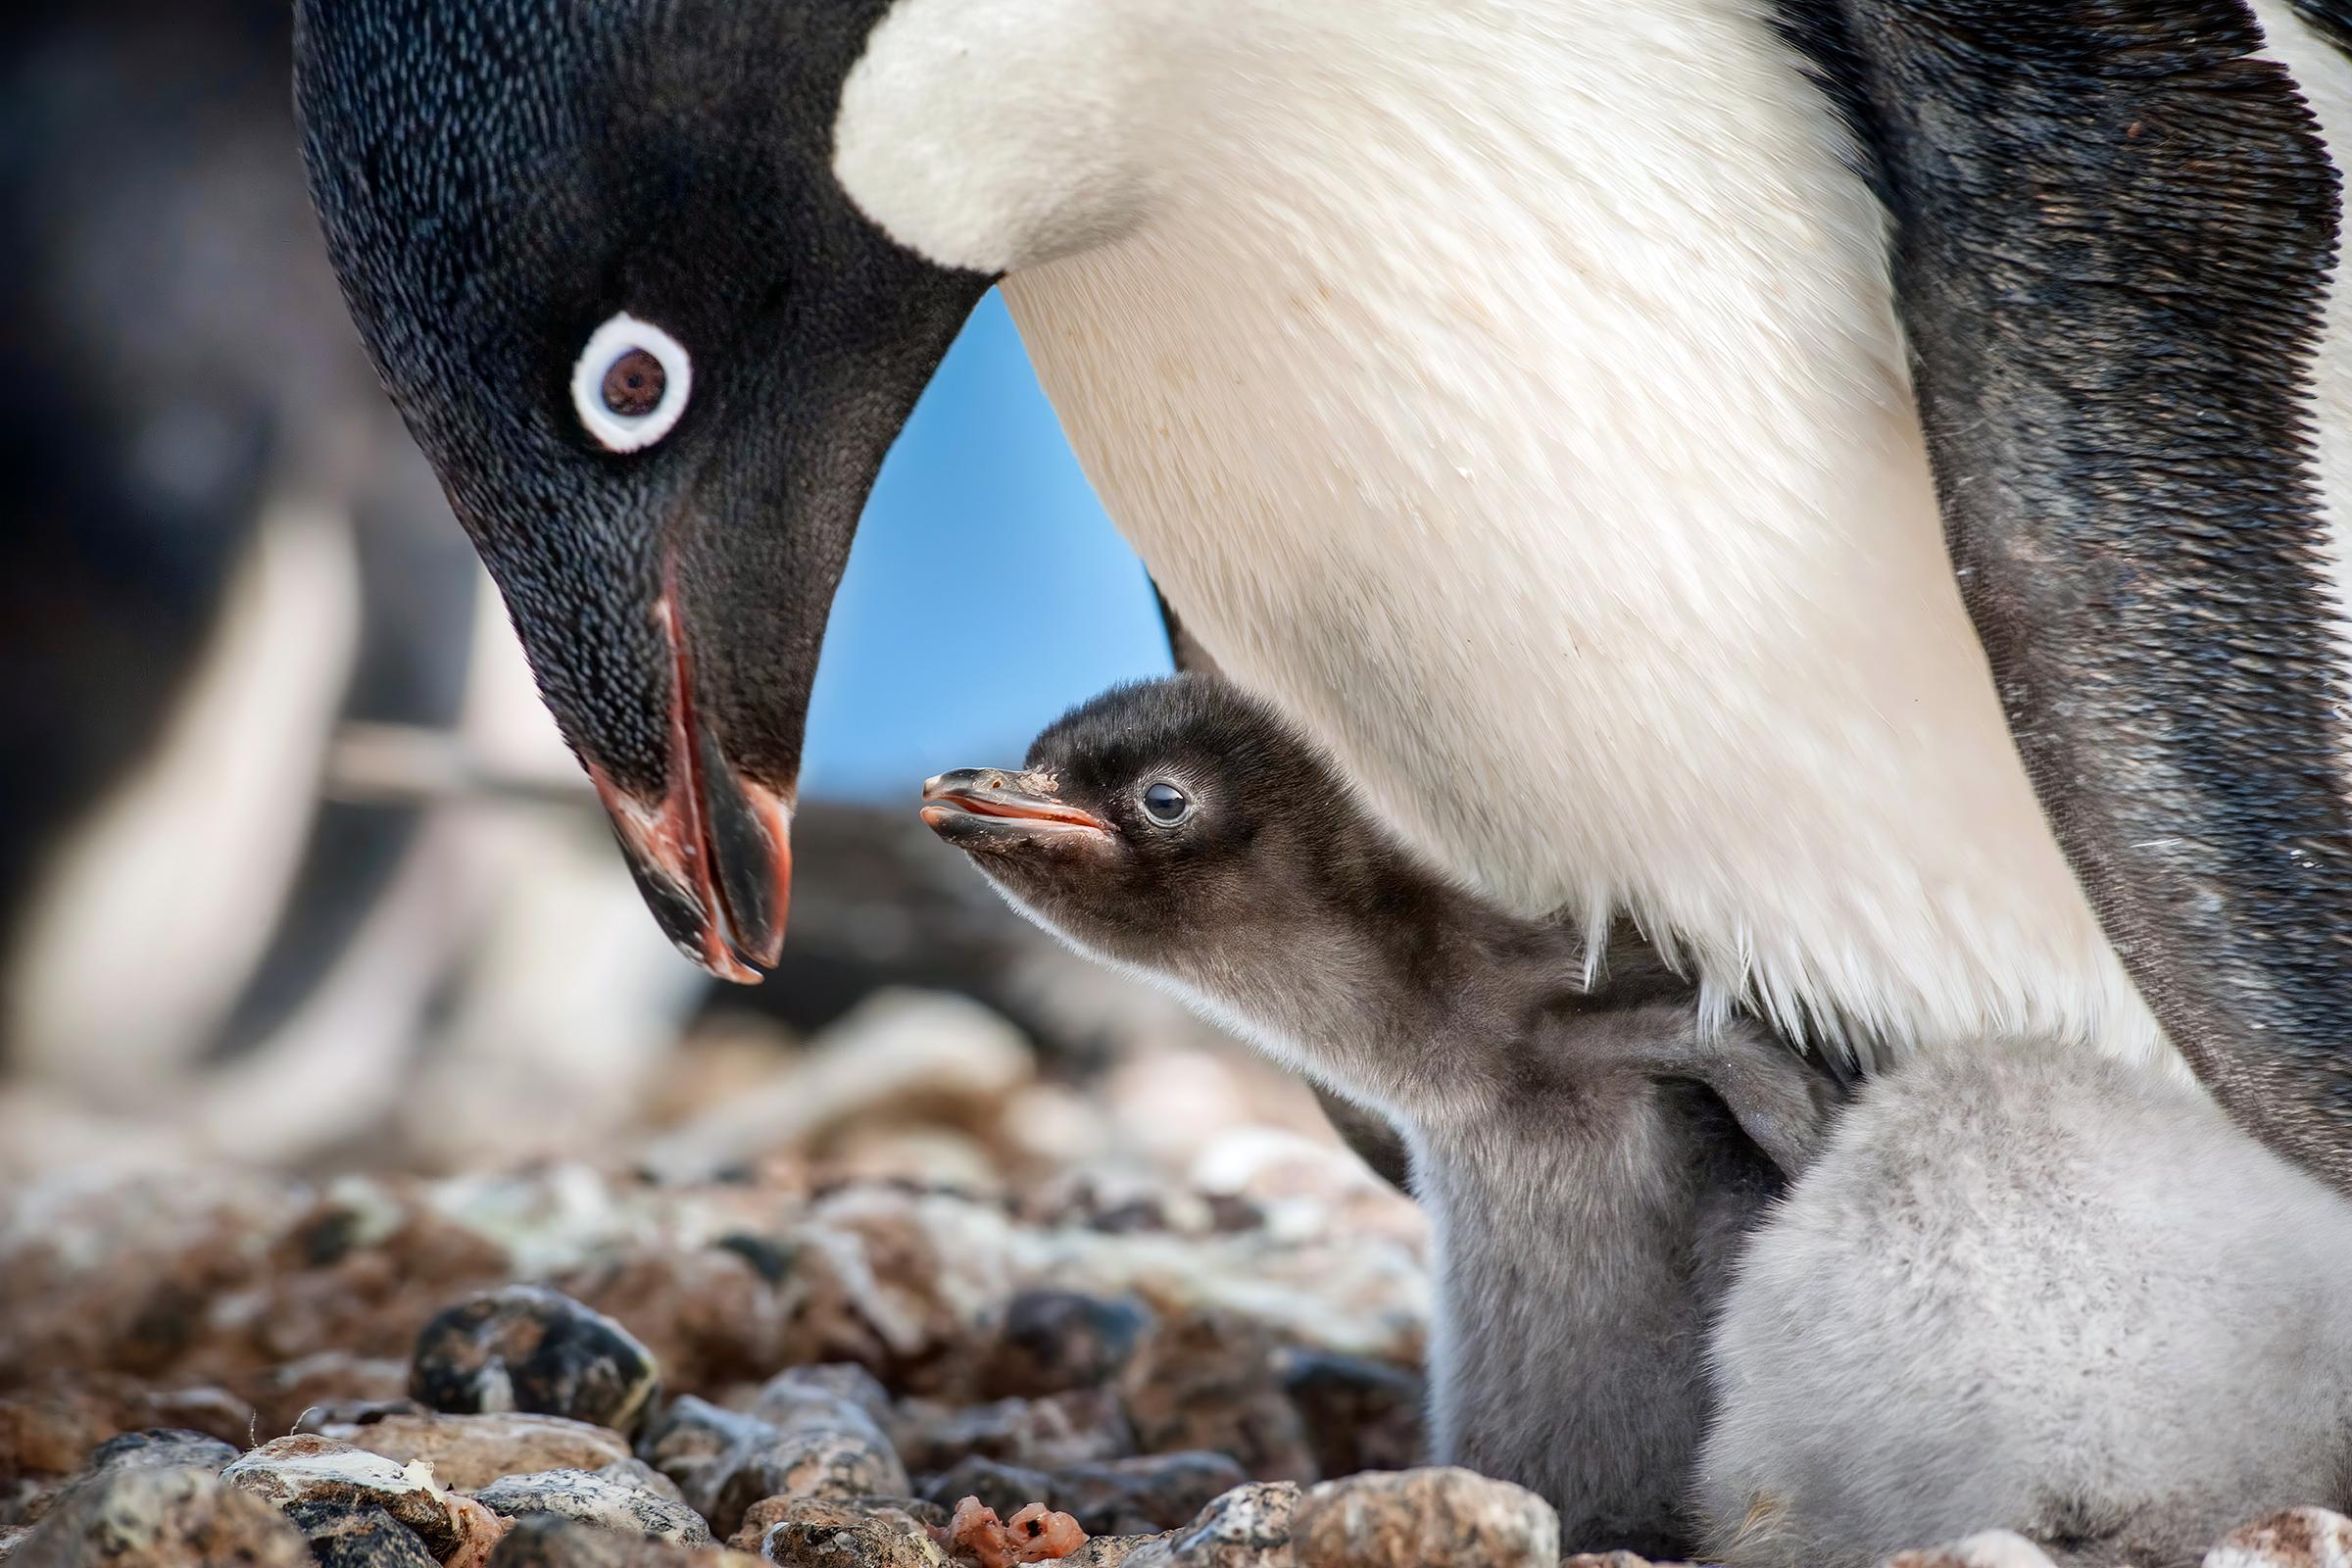 'Penguins' Review: Disney's Nature Doc Celebrates Our Furry Flightless Friends